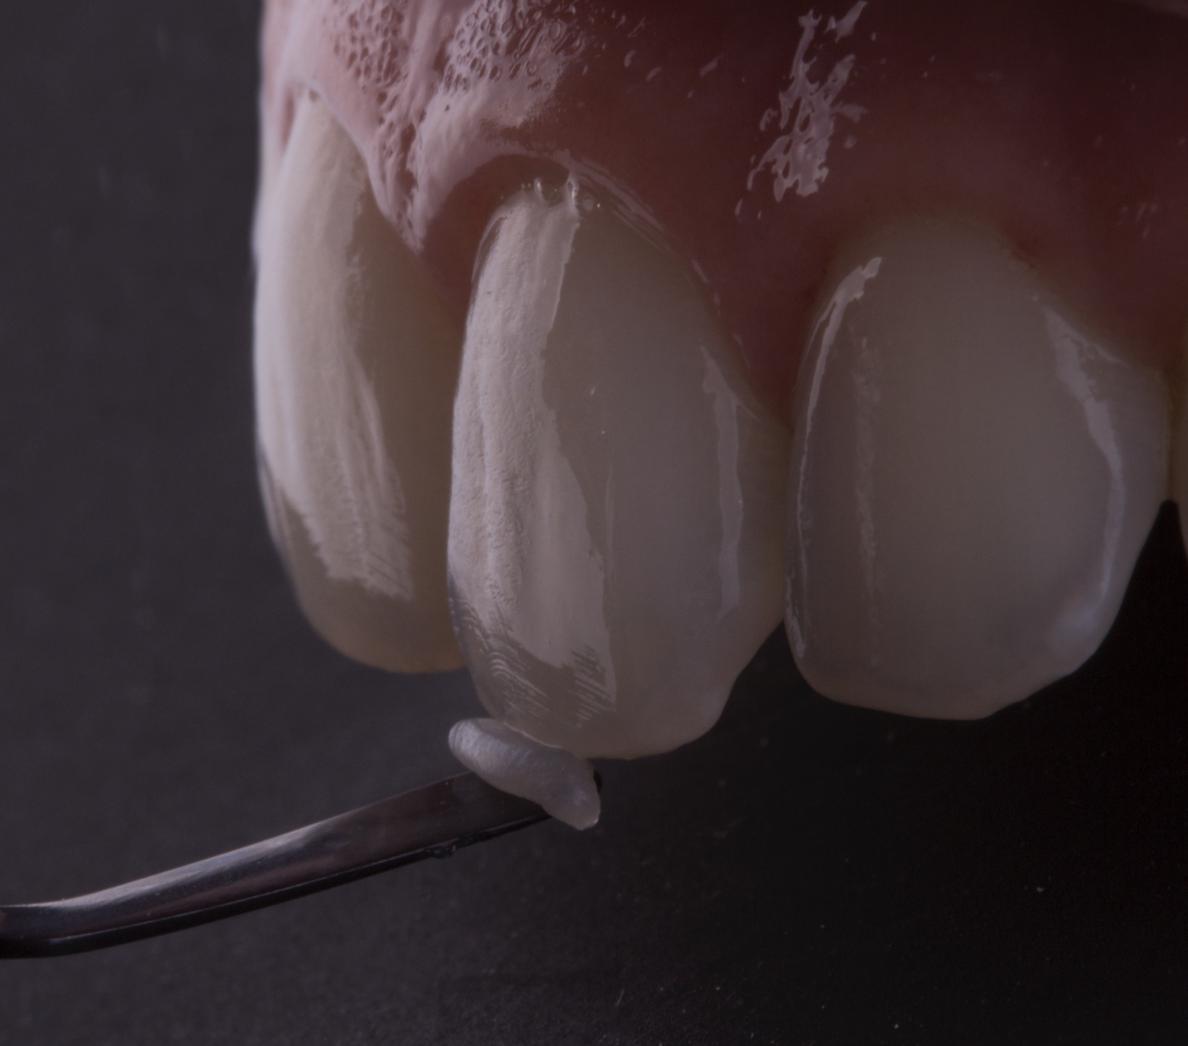 carillas-porcelana-dientes-sanos-dental-segovia-philips-valencia